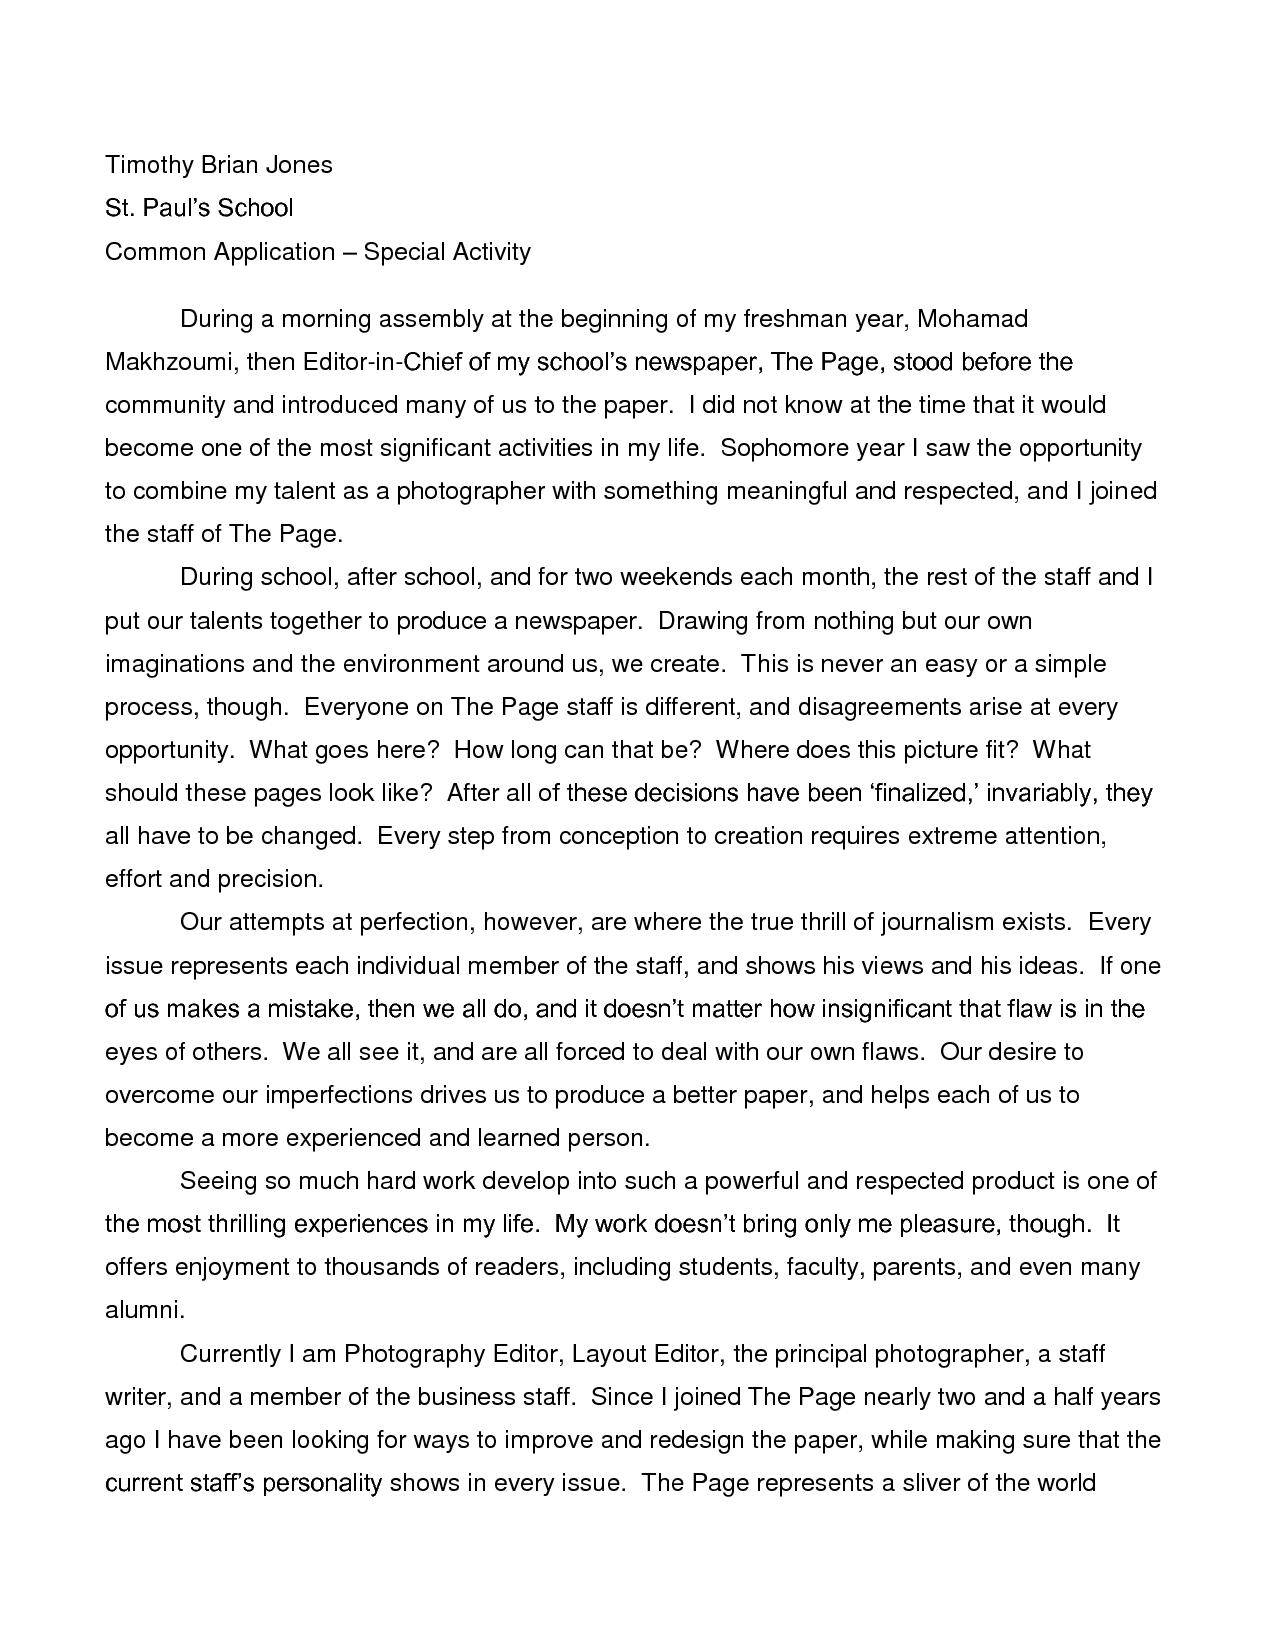 prep school essay examples